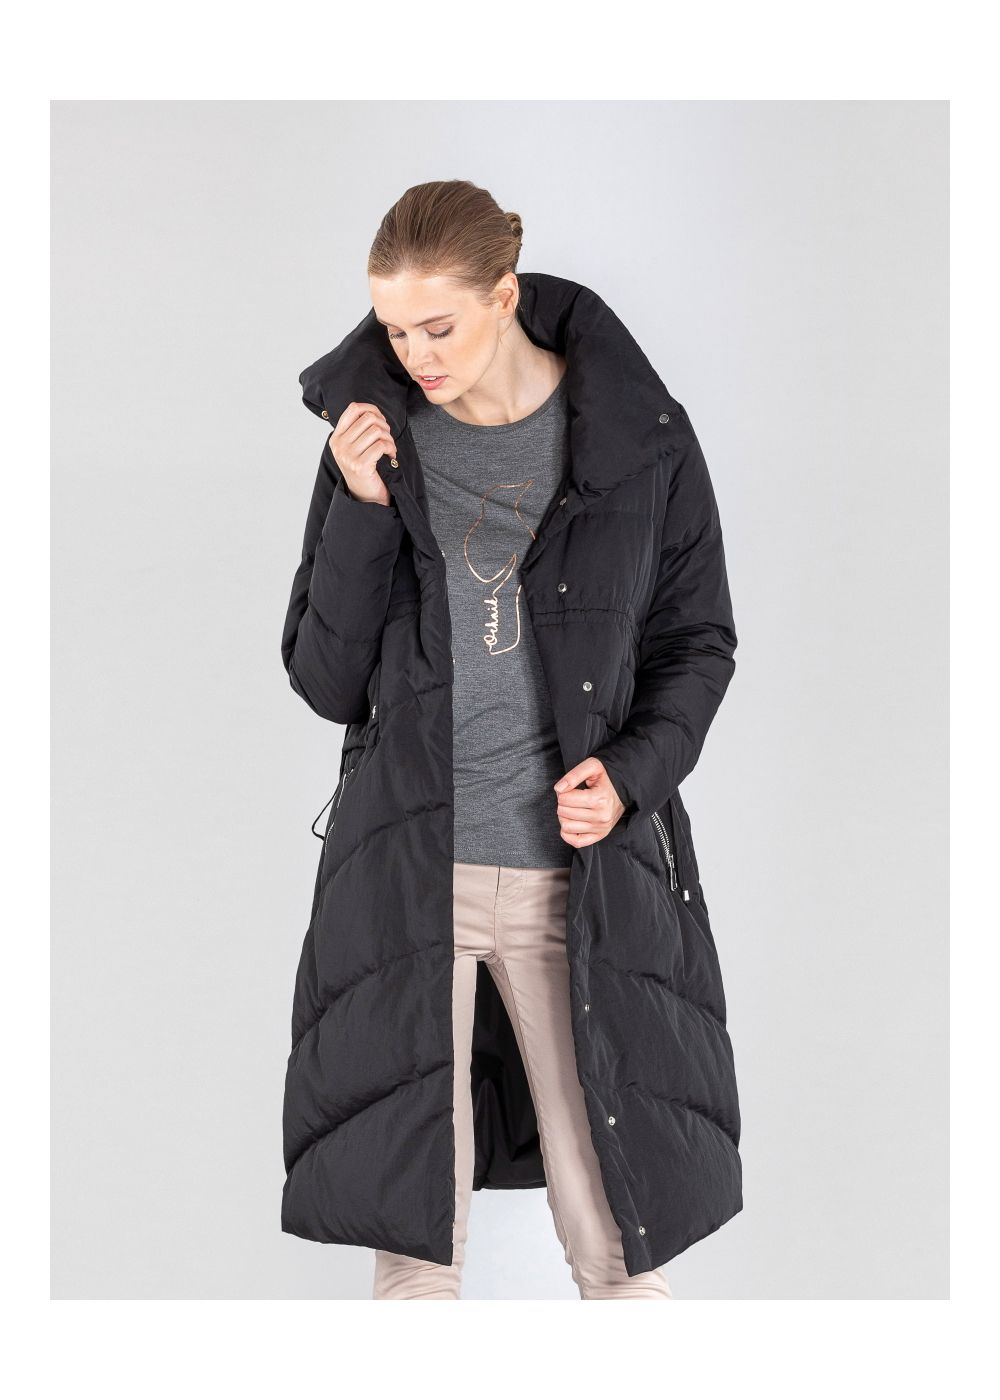 Długa czarna kurtka damska z puchem KURDT-0275-99(Z20)